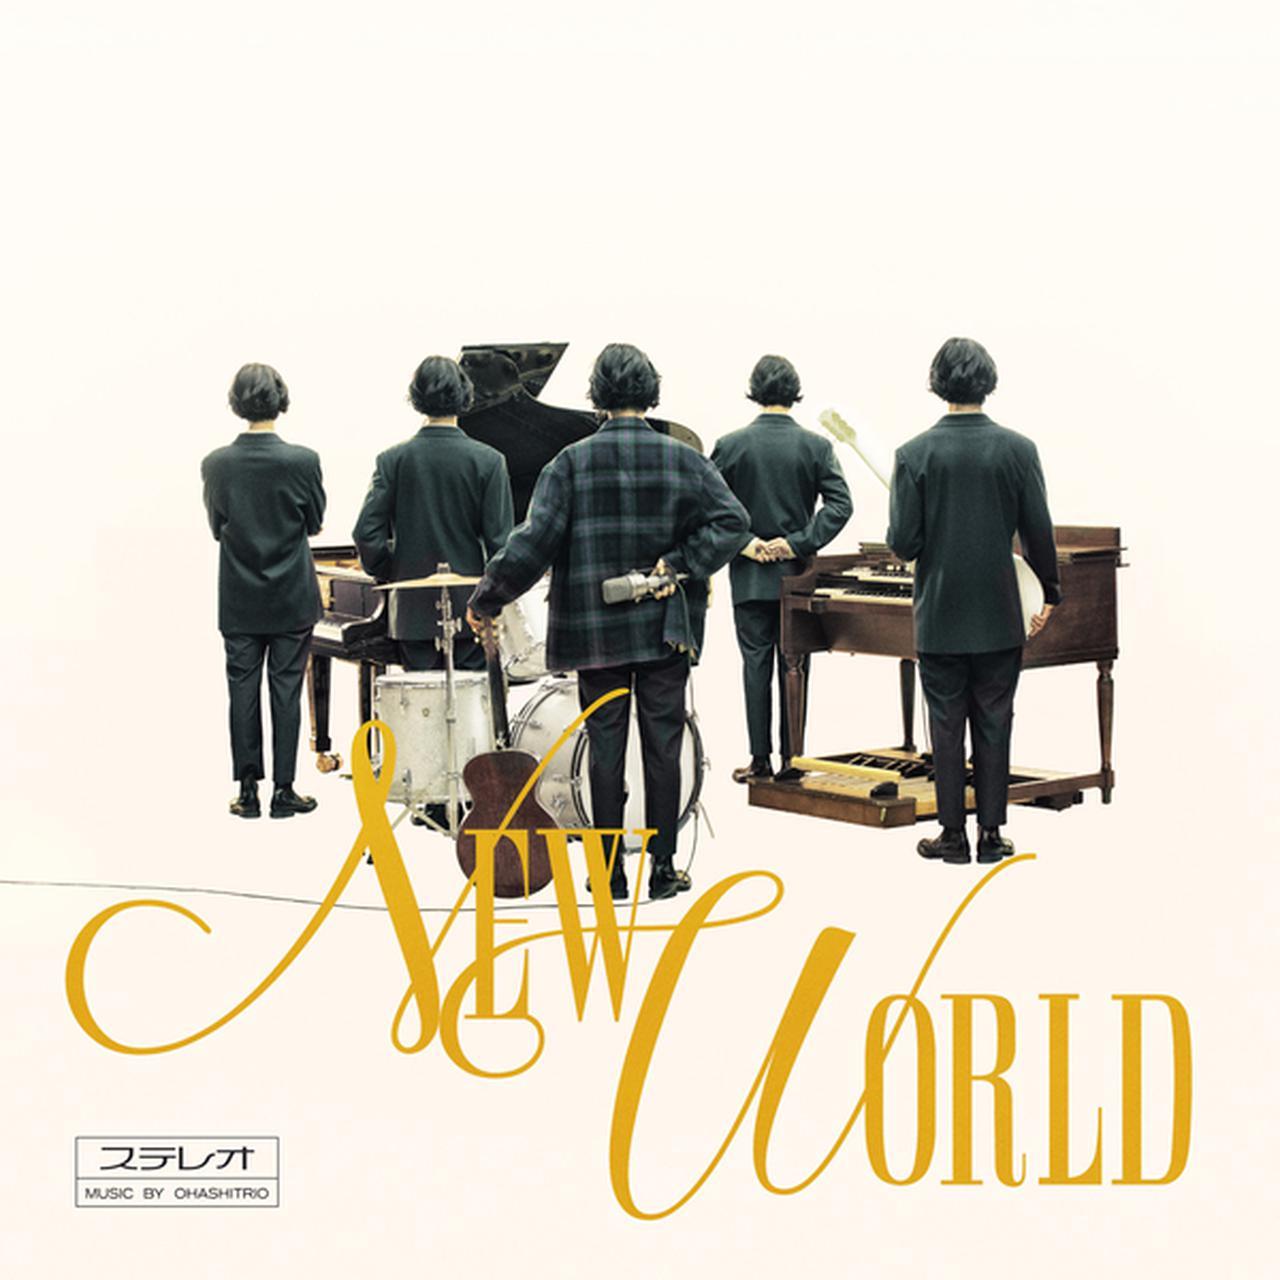 画像: NEW WORLD / 大橋トリオ on OTOTOY Music Store